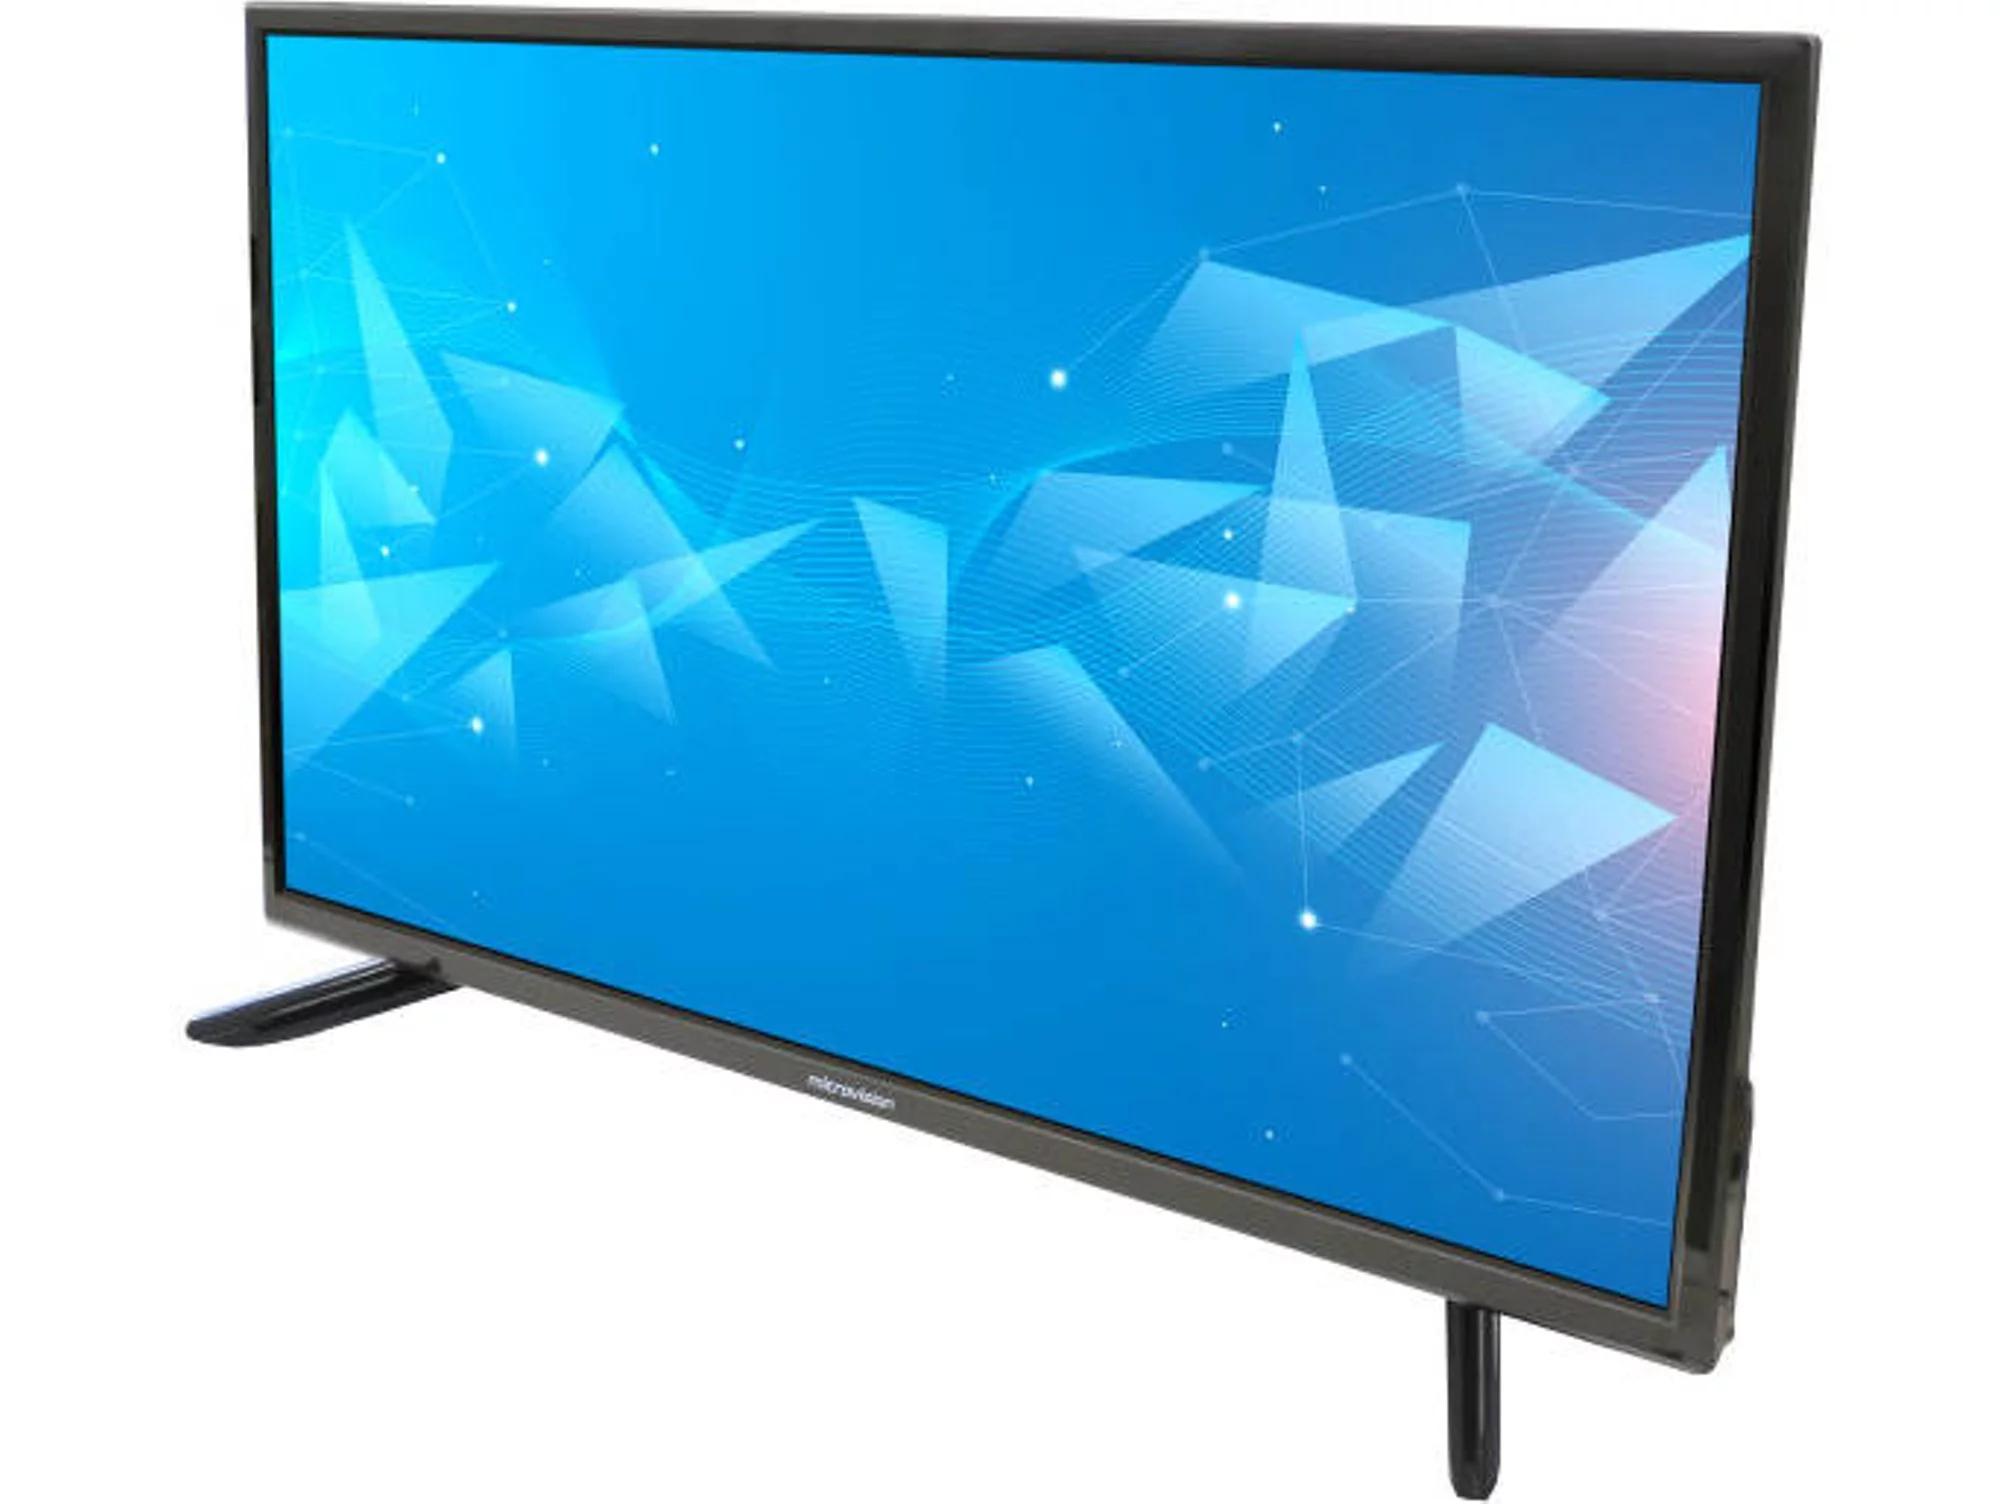 TV MICRO VISION 50FHDSMJ18-A (LED - 50'' - 127 cm - Full HD - Smart TV)